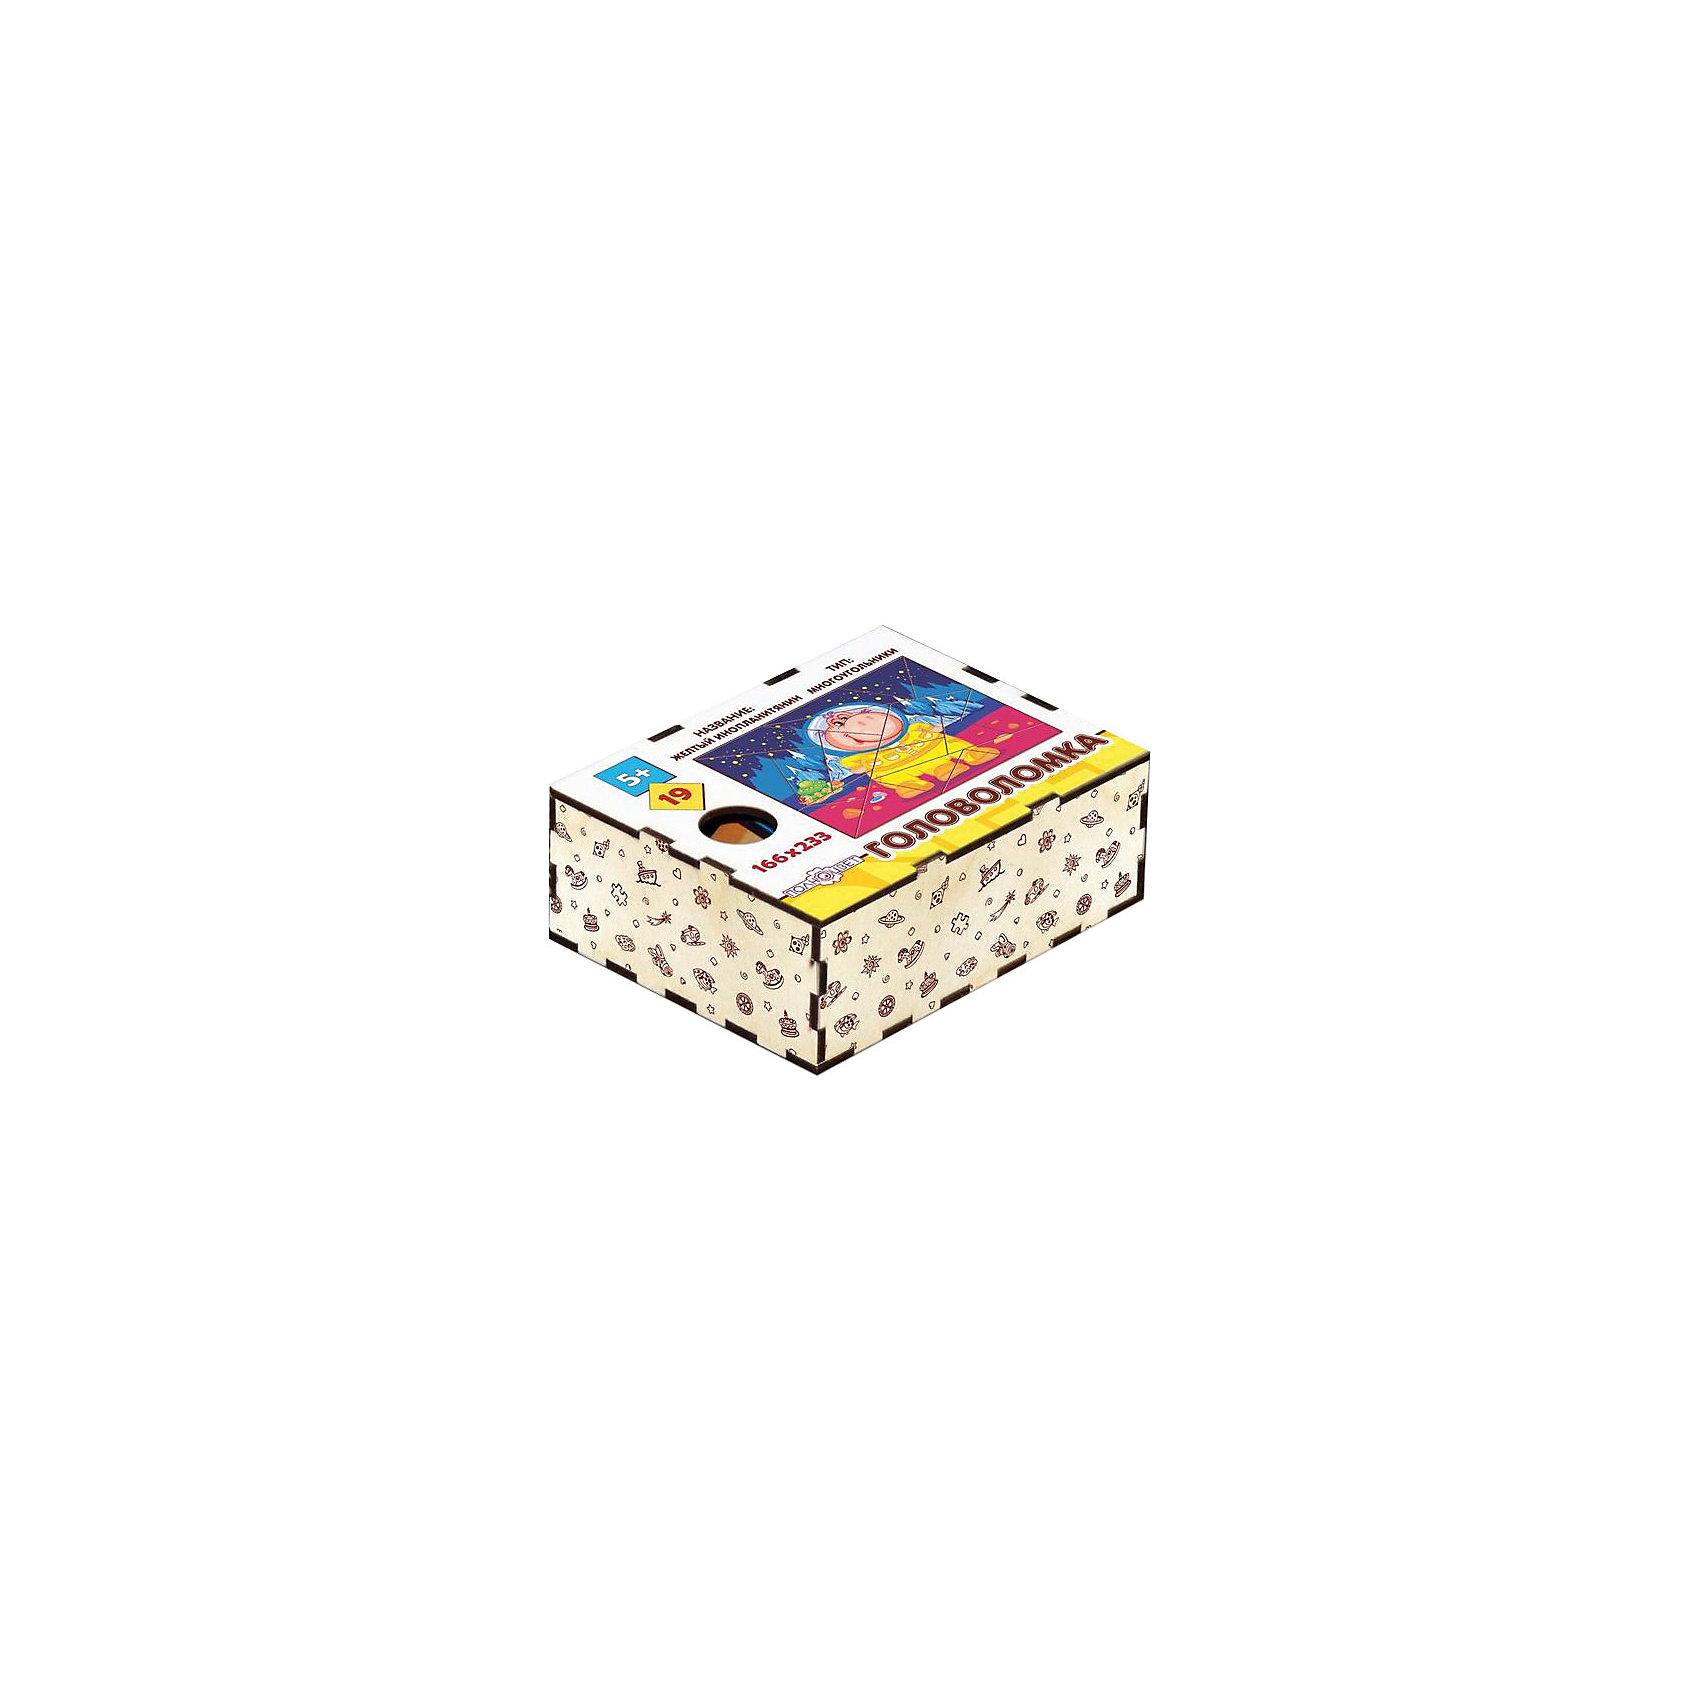 Головоломка Многоугольники. Инопланетянин, ПолноцветДеревянные головоломки<br>Характеристики:<br><br>• возраст: от 5 лет;<br>• количество деталей: 19;<br>• материал: фанера березовая шлифованная ФК, 3 мм;<br>• размер головоломки: 16,6х23,3х0,3 см;<br>• вес: 150 г;<br>• краска: УФ краска;<br>• тип упаковки: деревянная коробка открытого типа, термоусадка.<br><br>Интересный пазл из деталей в форме многоугольников надолго увлечет малышей. Мальчикам и девочкам потребуется проявить максимум внимательности и усидчивости, чтобы собрать красочную картинку с желтым инопланетянином.<br><br>Деревянная головоломка с высококачественной печатью имеет высокий срок службы. <br><br>Игрушка рекомендована для детских садов и центров, а также для домашнего использования.<br><br>Головоломку «Многоугольники. Инопланетянин», Полноцвет можно приобрести в нашем интернет-магазине.<br><br>Ширина мм: 30<br>Глубина мм: 230<br>Высота мм: 170<br>Вес г: 150<br>Возраст от месяцев: 36<br>Возраст до месяцев: 2147483647<br>Пол: Унисекс<br>Возраст: Детский<br>SKU: 7025967